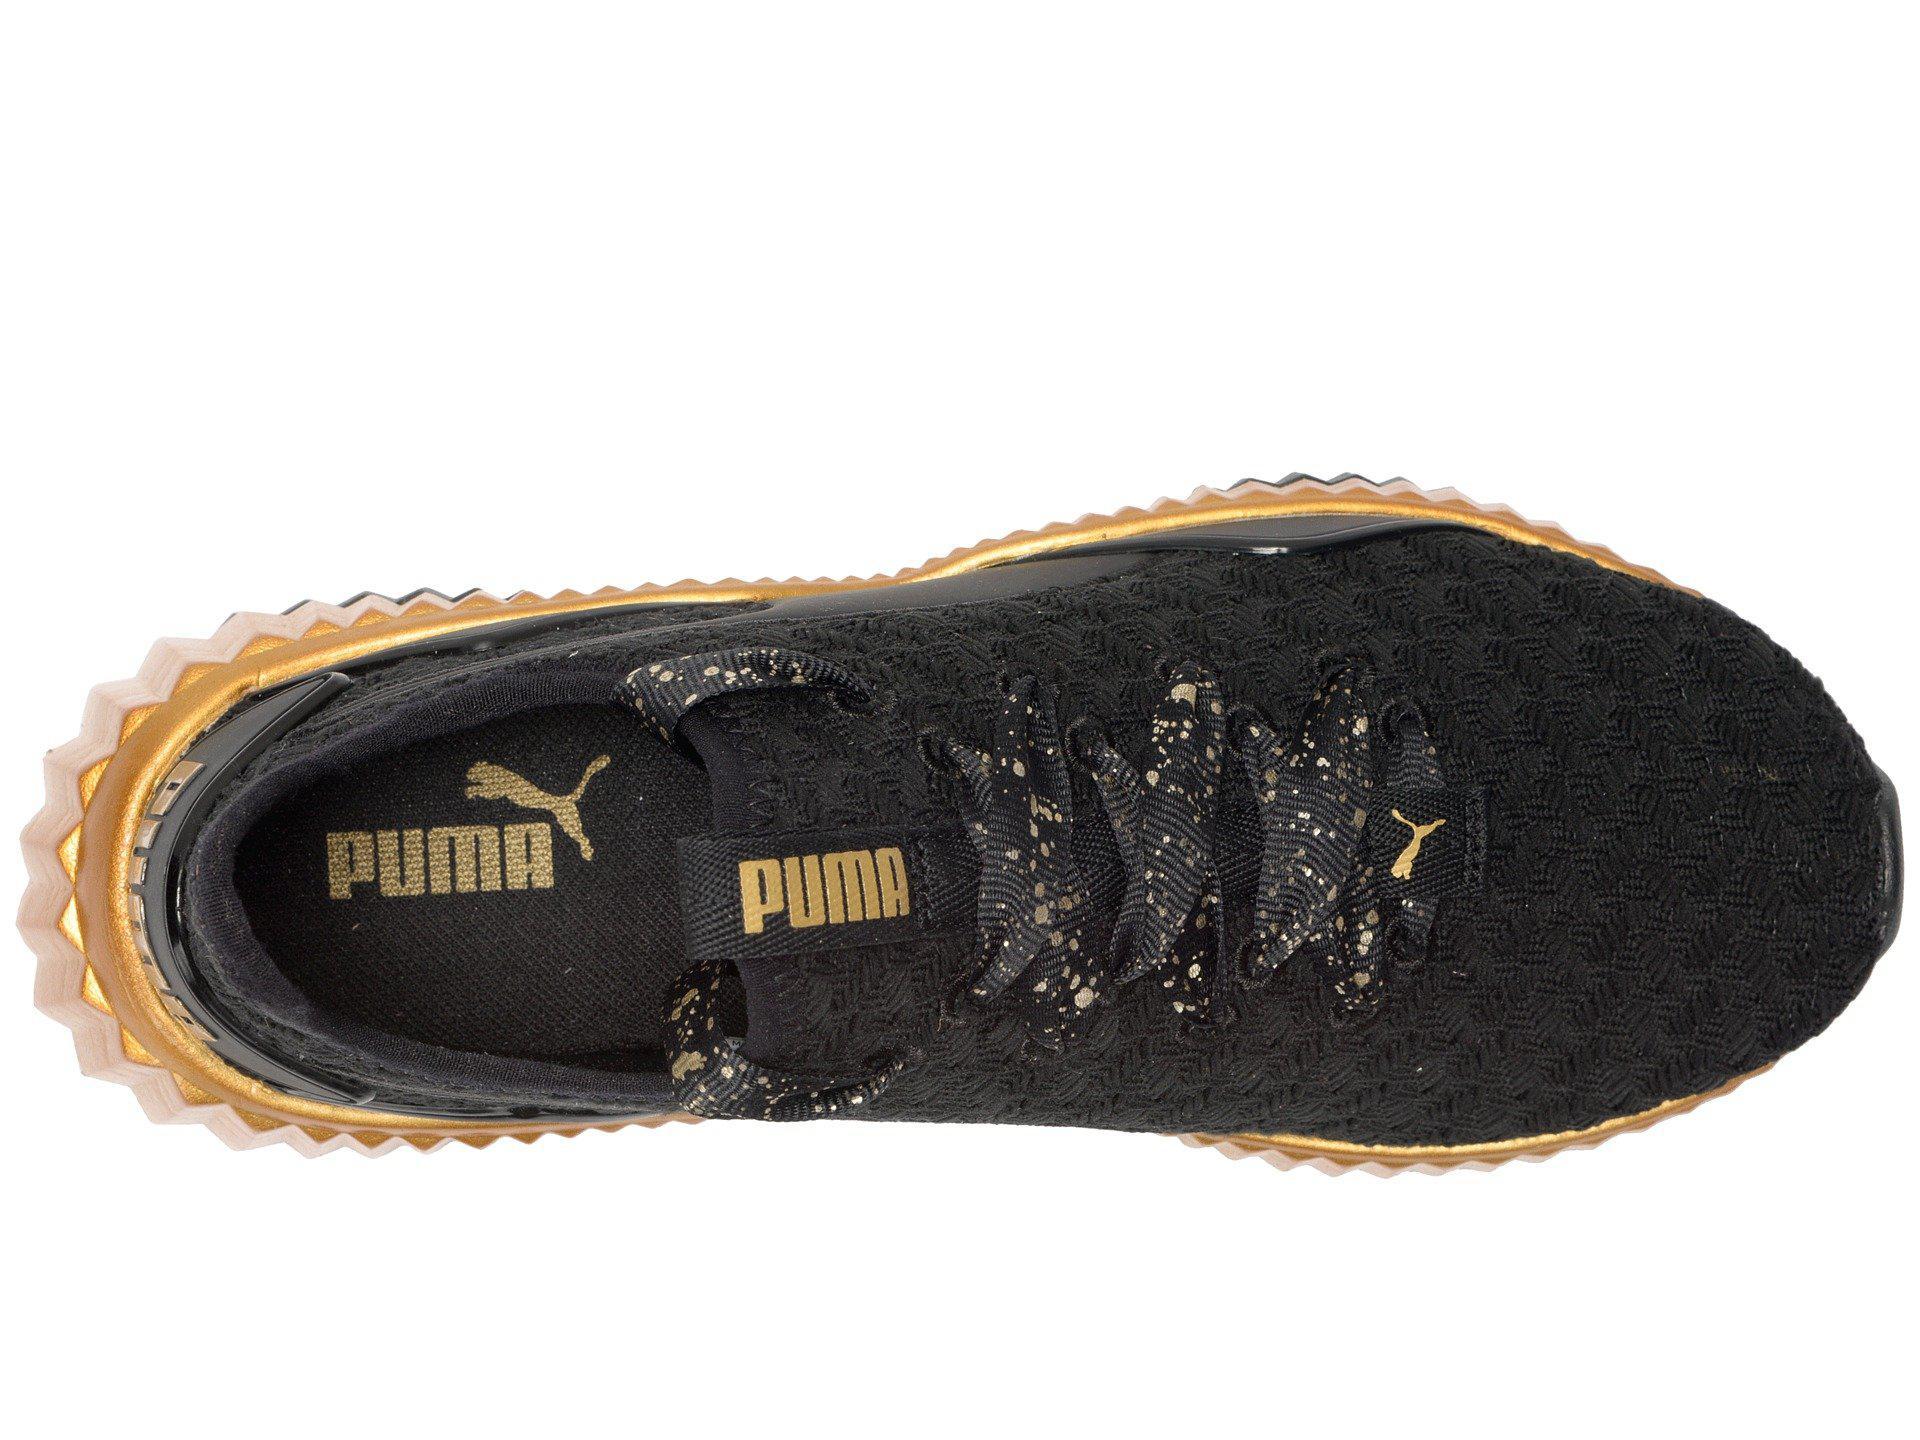 Lyst - PUMA Defy Sparkle ( Black  Team Gold) Women s Lace Up Casual ... 4d892d125